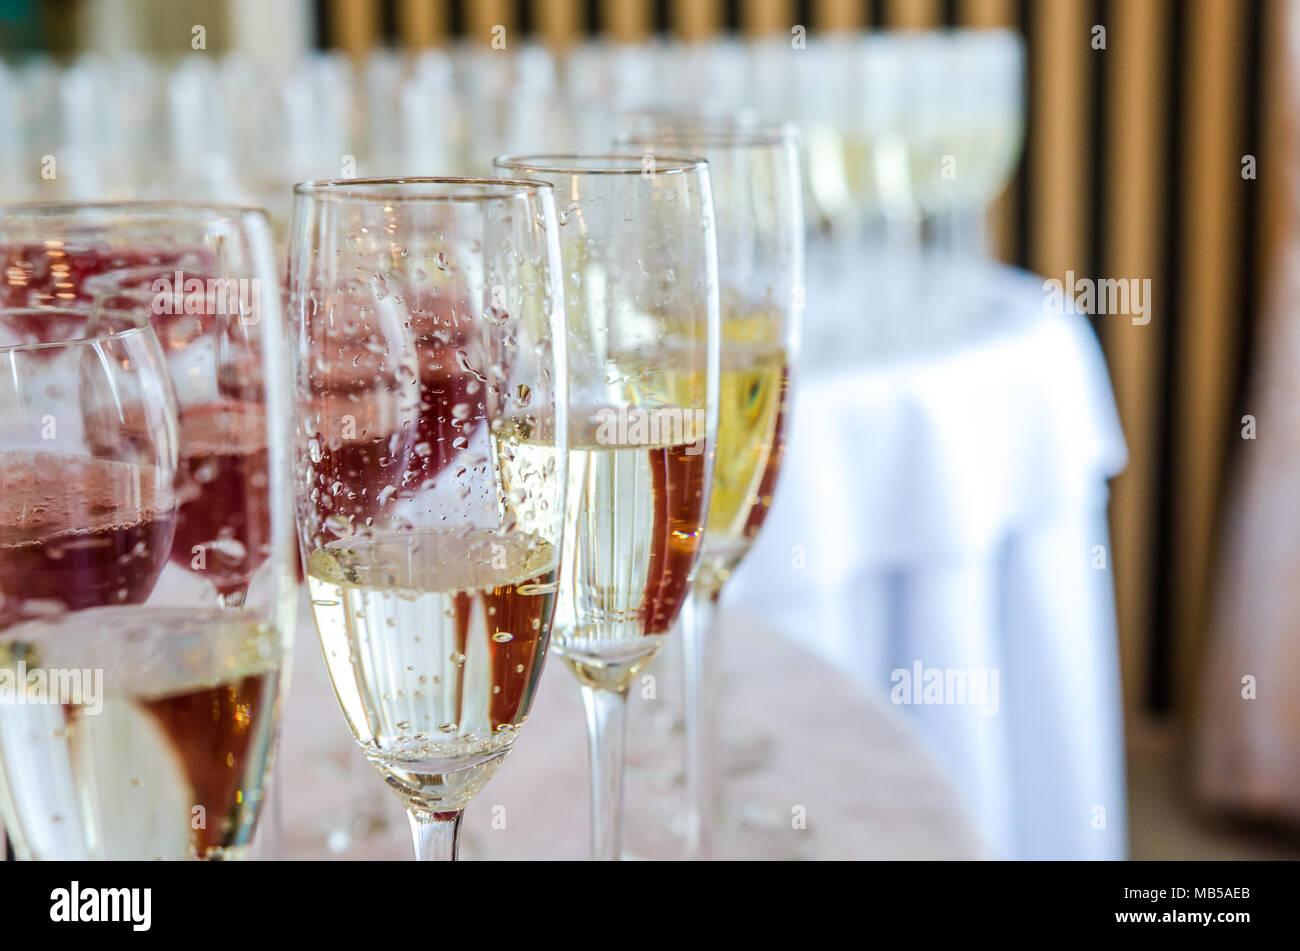 Ristorazione Bar per la celebrazione. La bellezza degli interni per il giorno del matrimonio. Immagini Stock